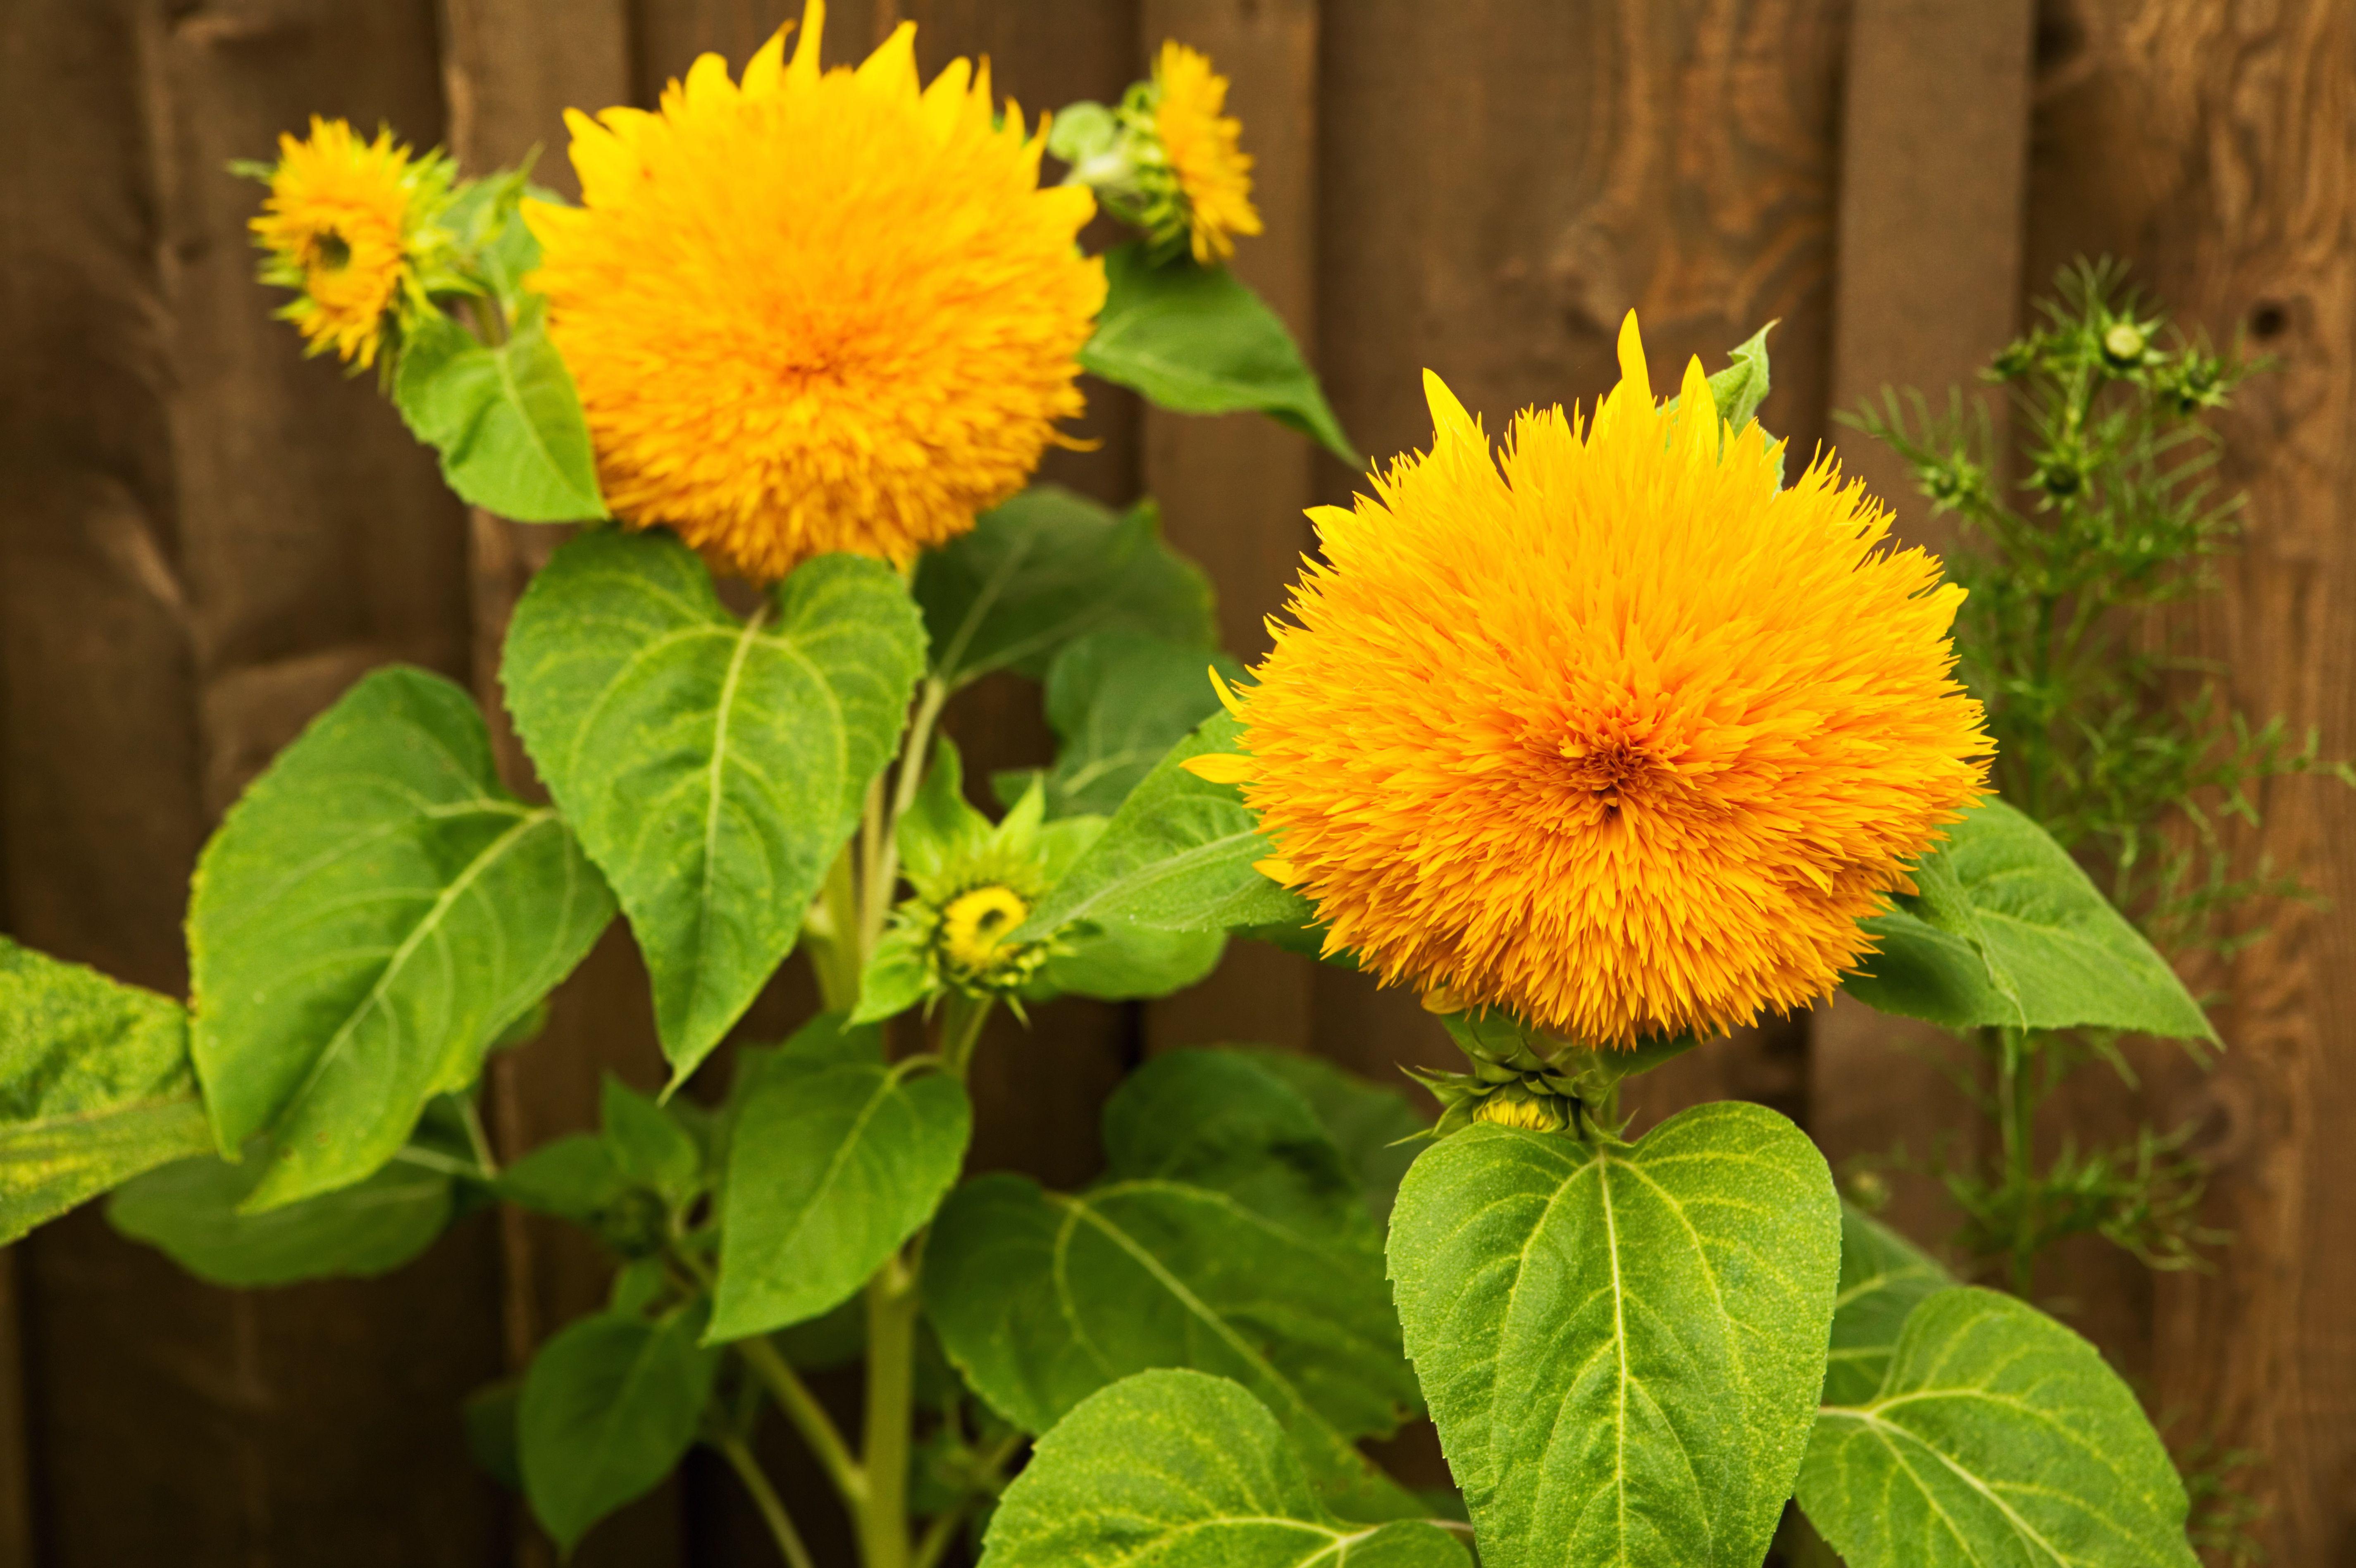 teddy bear sunflowers 5b1c45e28e1b6e0036f133d8